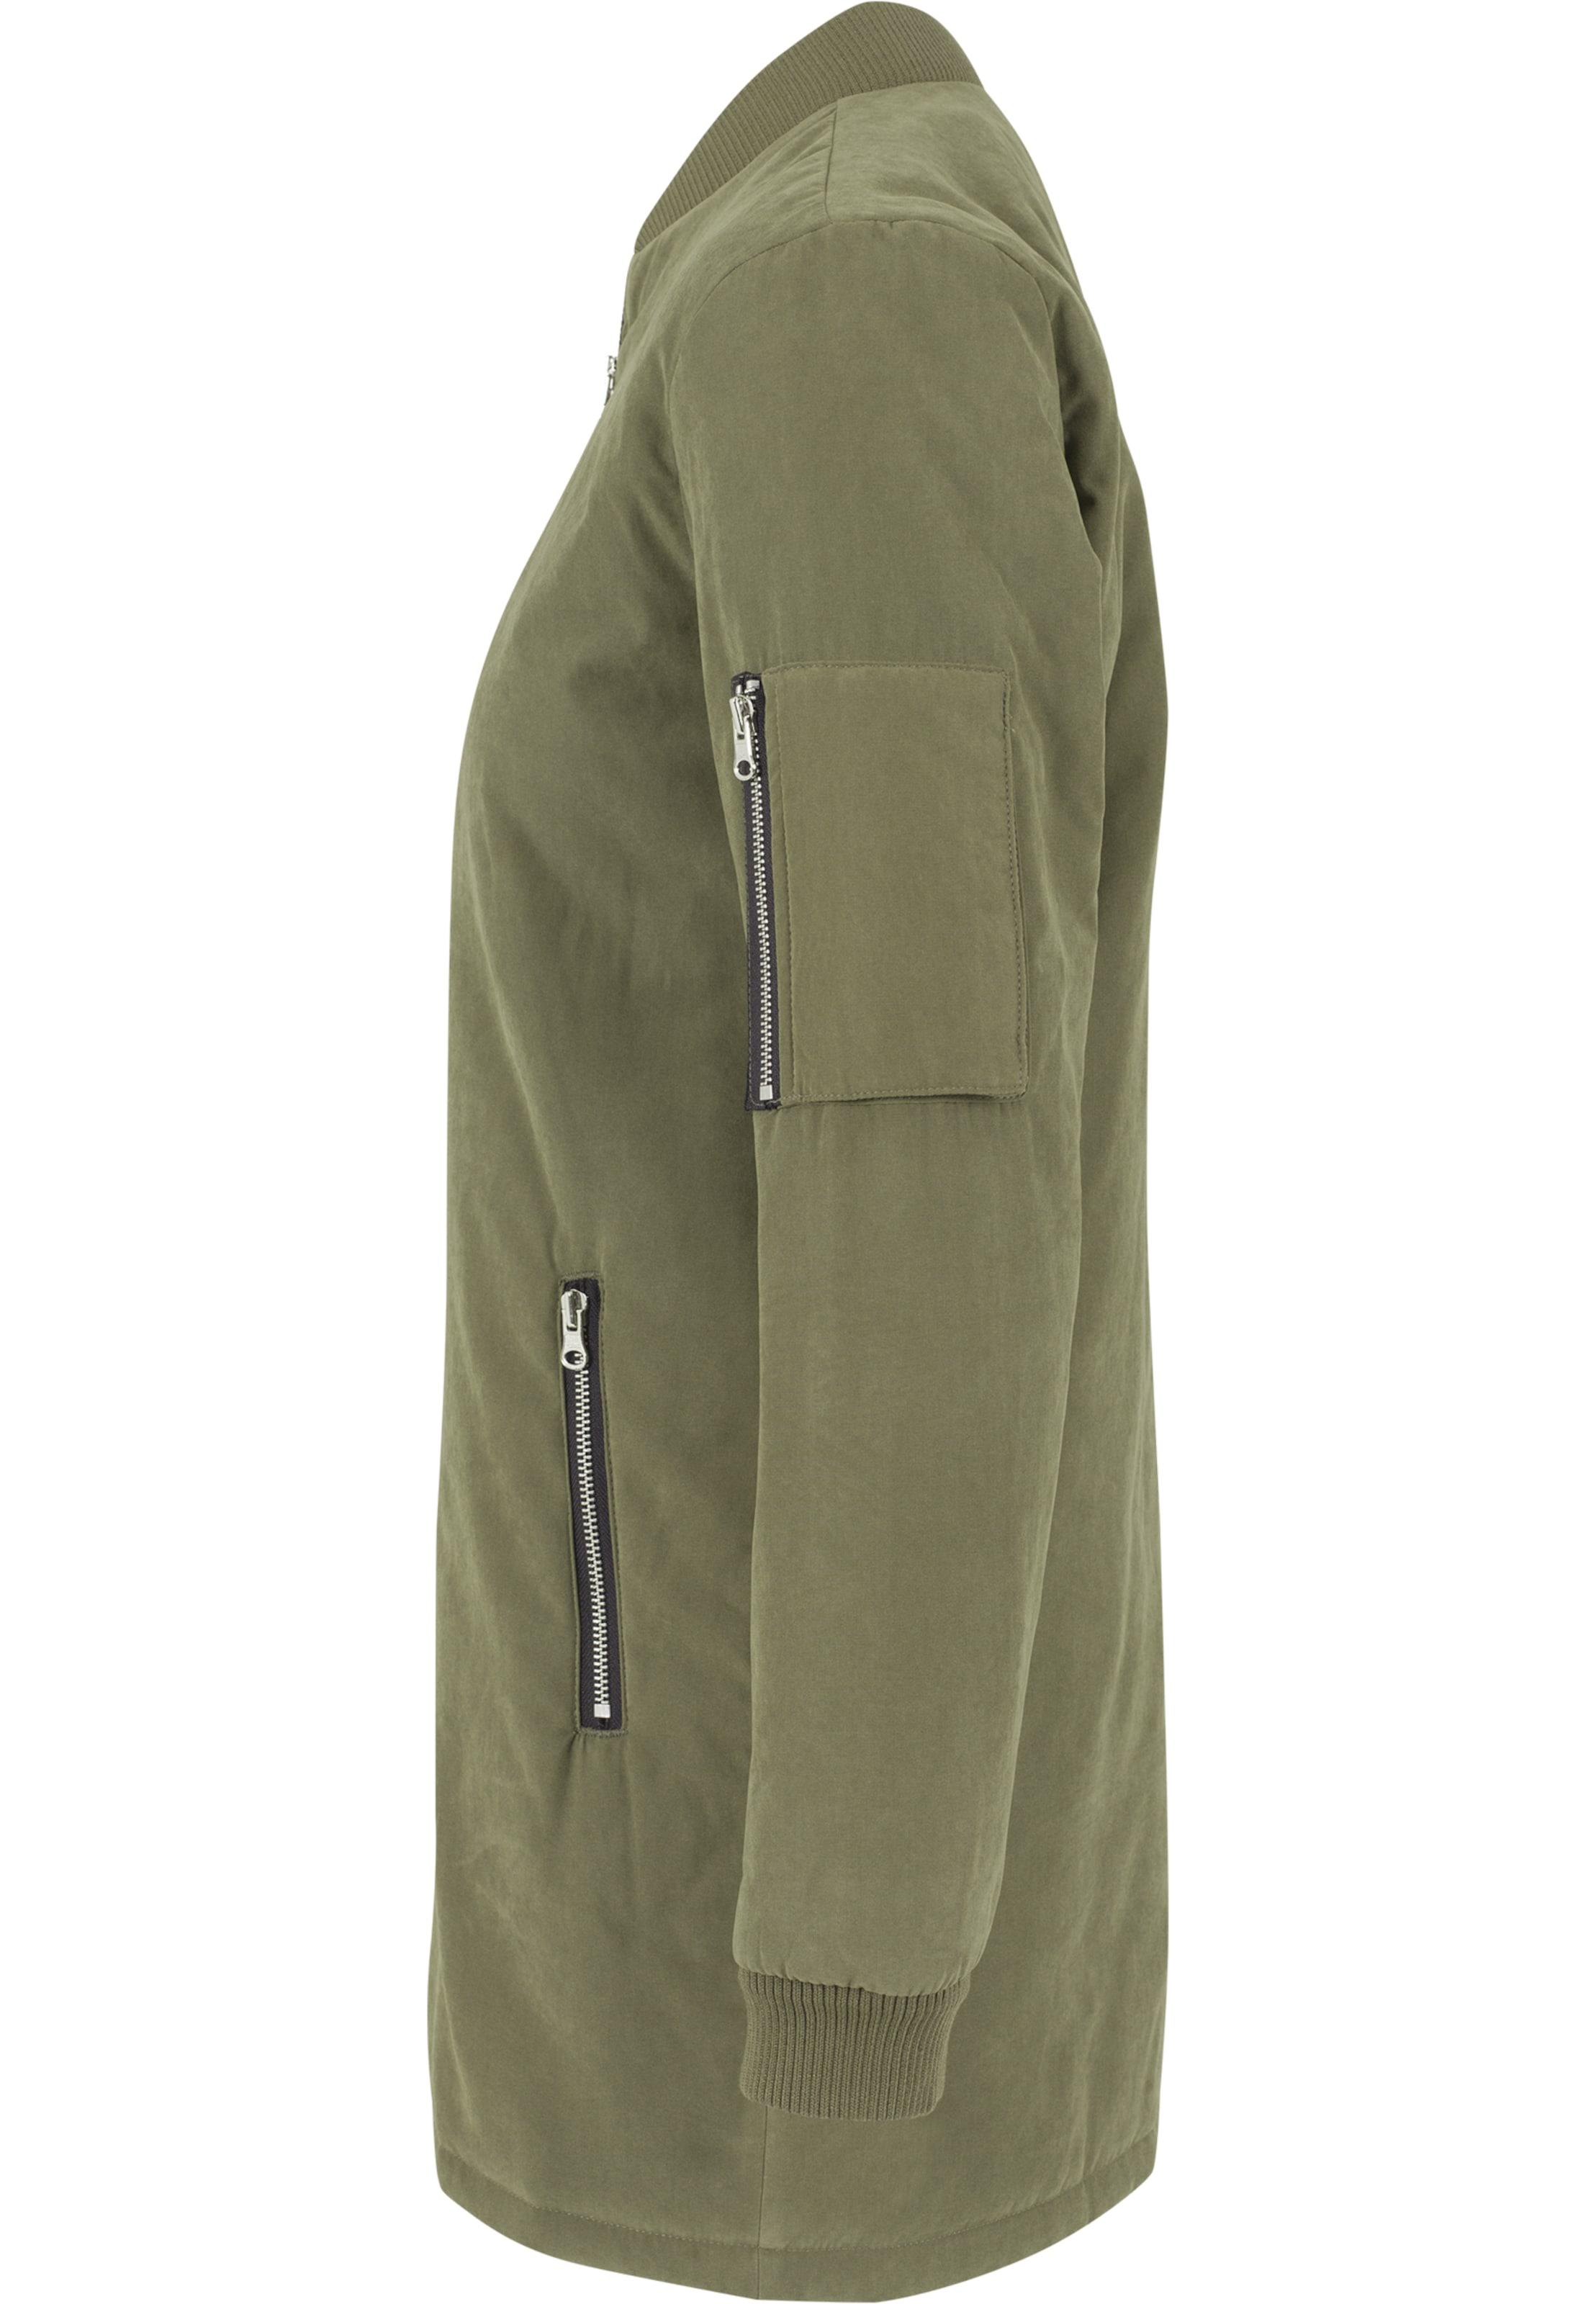 In Urban Jacket Classics Jacket Oliv Urban Classics 8XPn0kwO